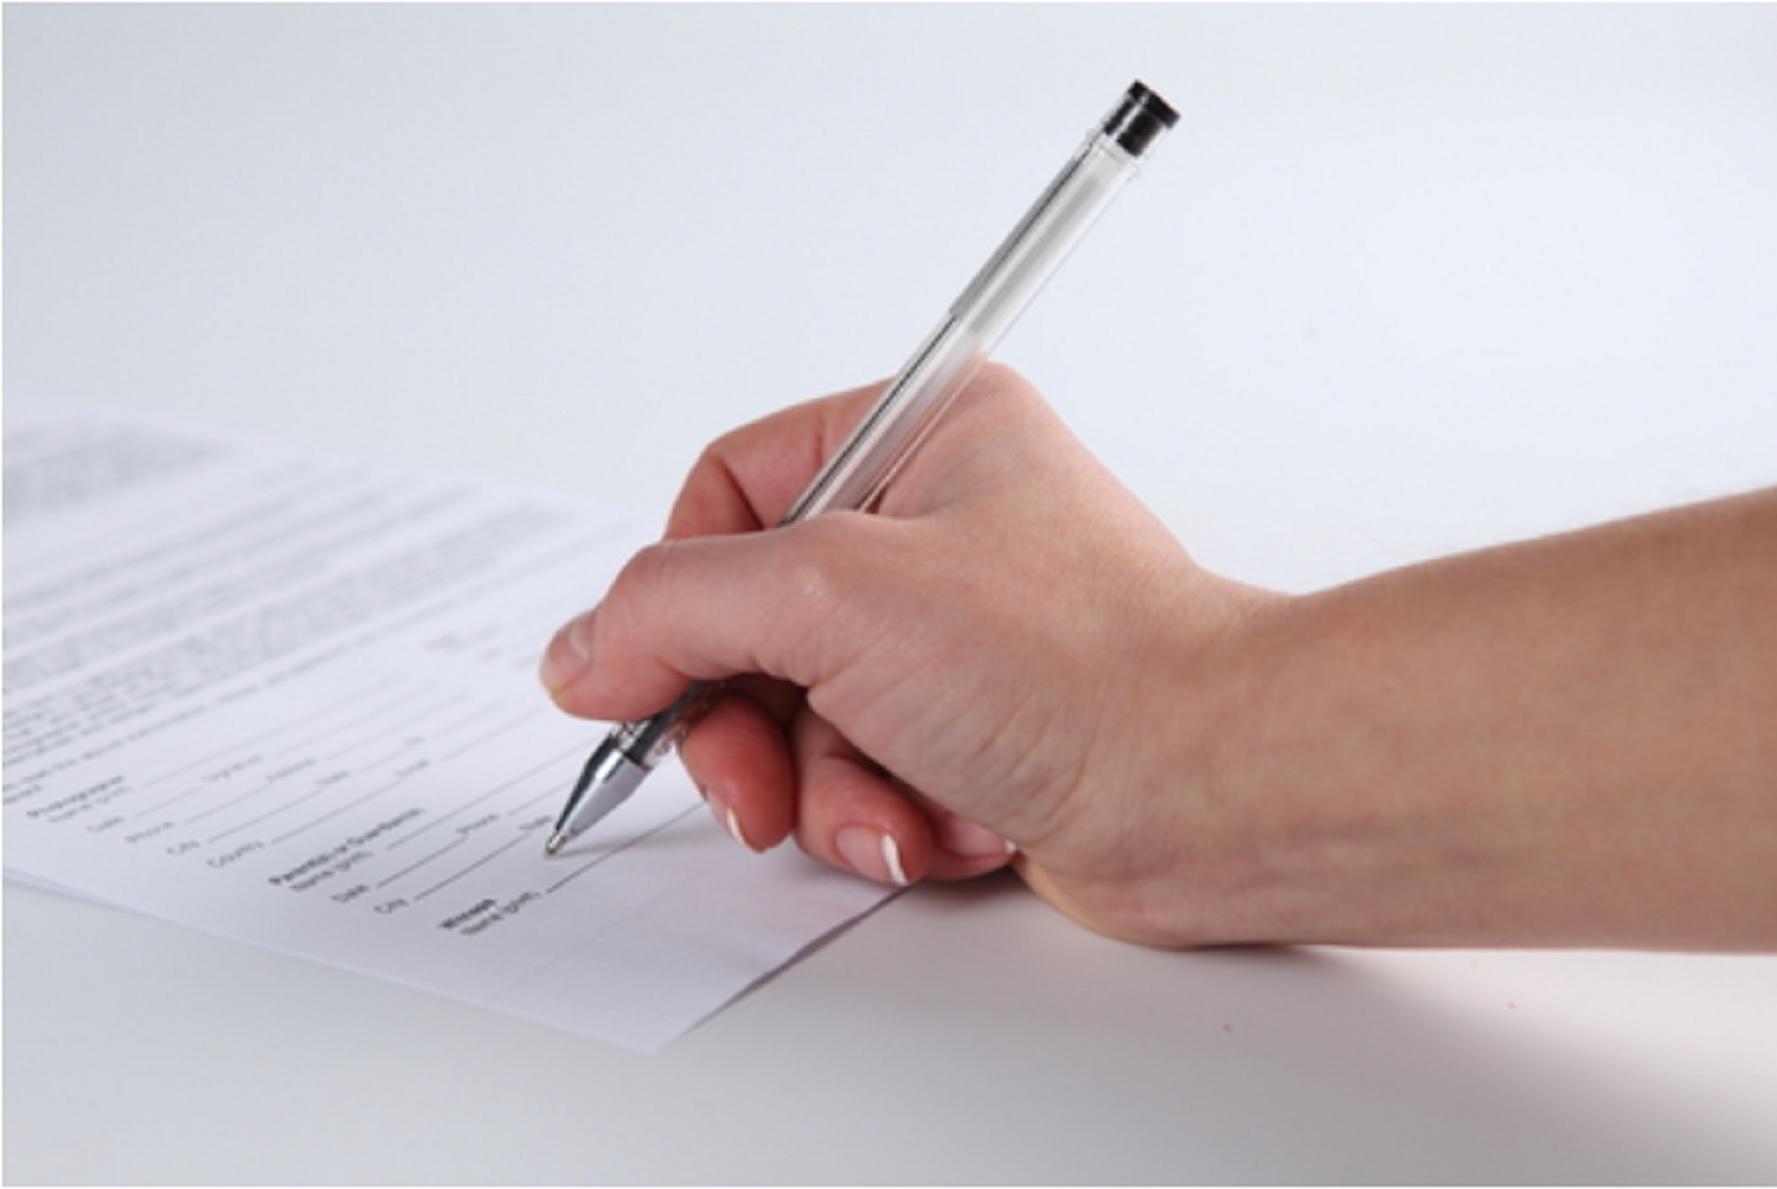 Правила заполнения анкеты для оформления провизы